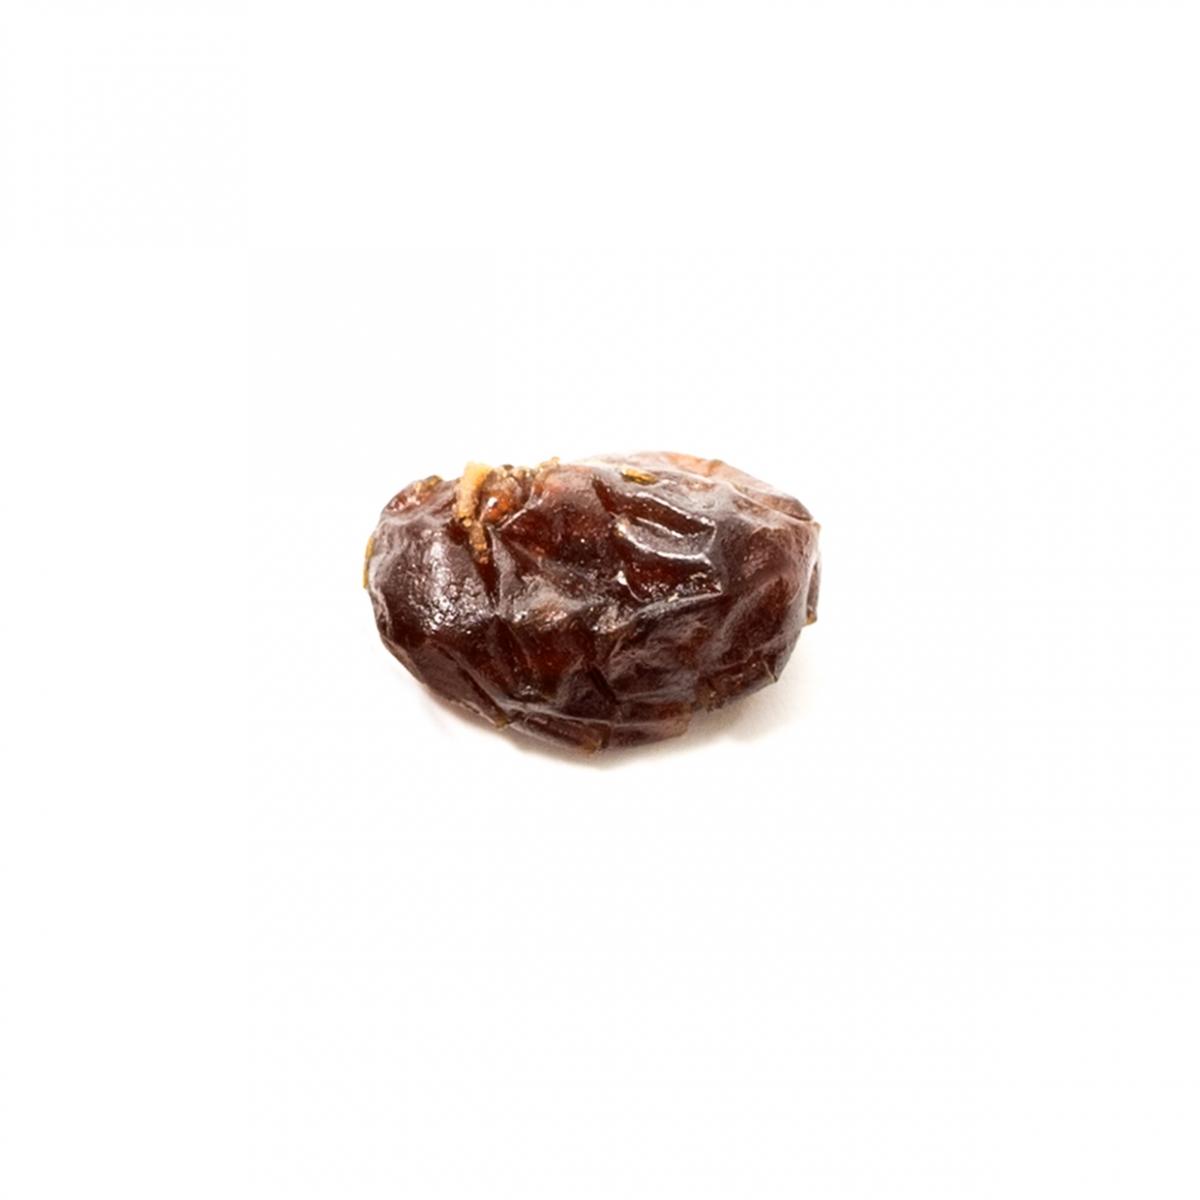 Imagen en la que se ve una uva pasa